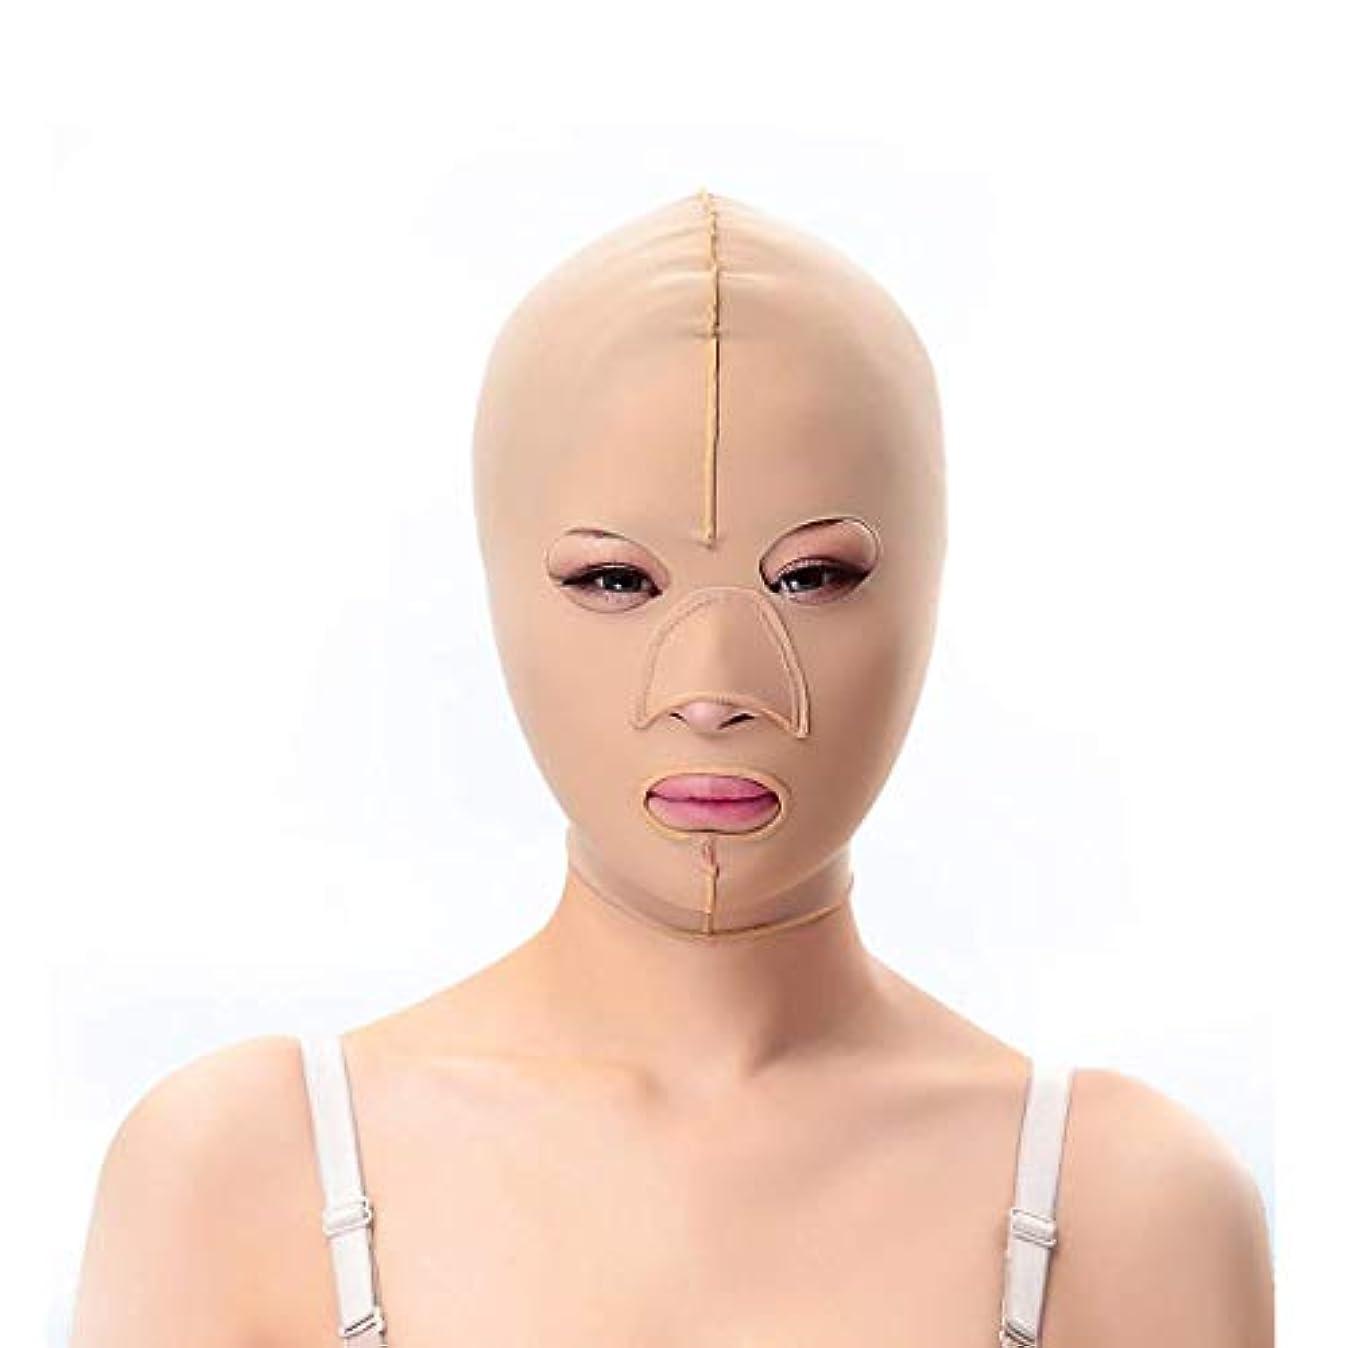 三ジョグ実行するスリミングベルト、二重あごの引き締め顔のプラスチックフェイスアーティファクト強力なフェイス包帯を脇に持ち上げるパターンを欺くためのフェイシャルマスクシンフェイスマスク(サイズ:L),ザ?